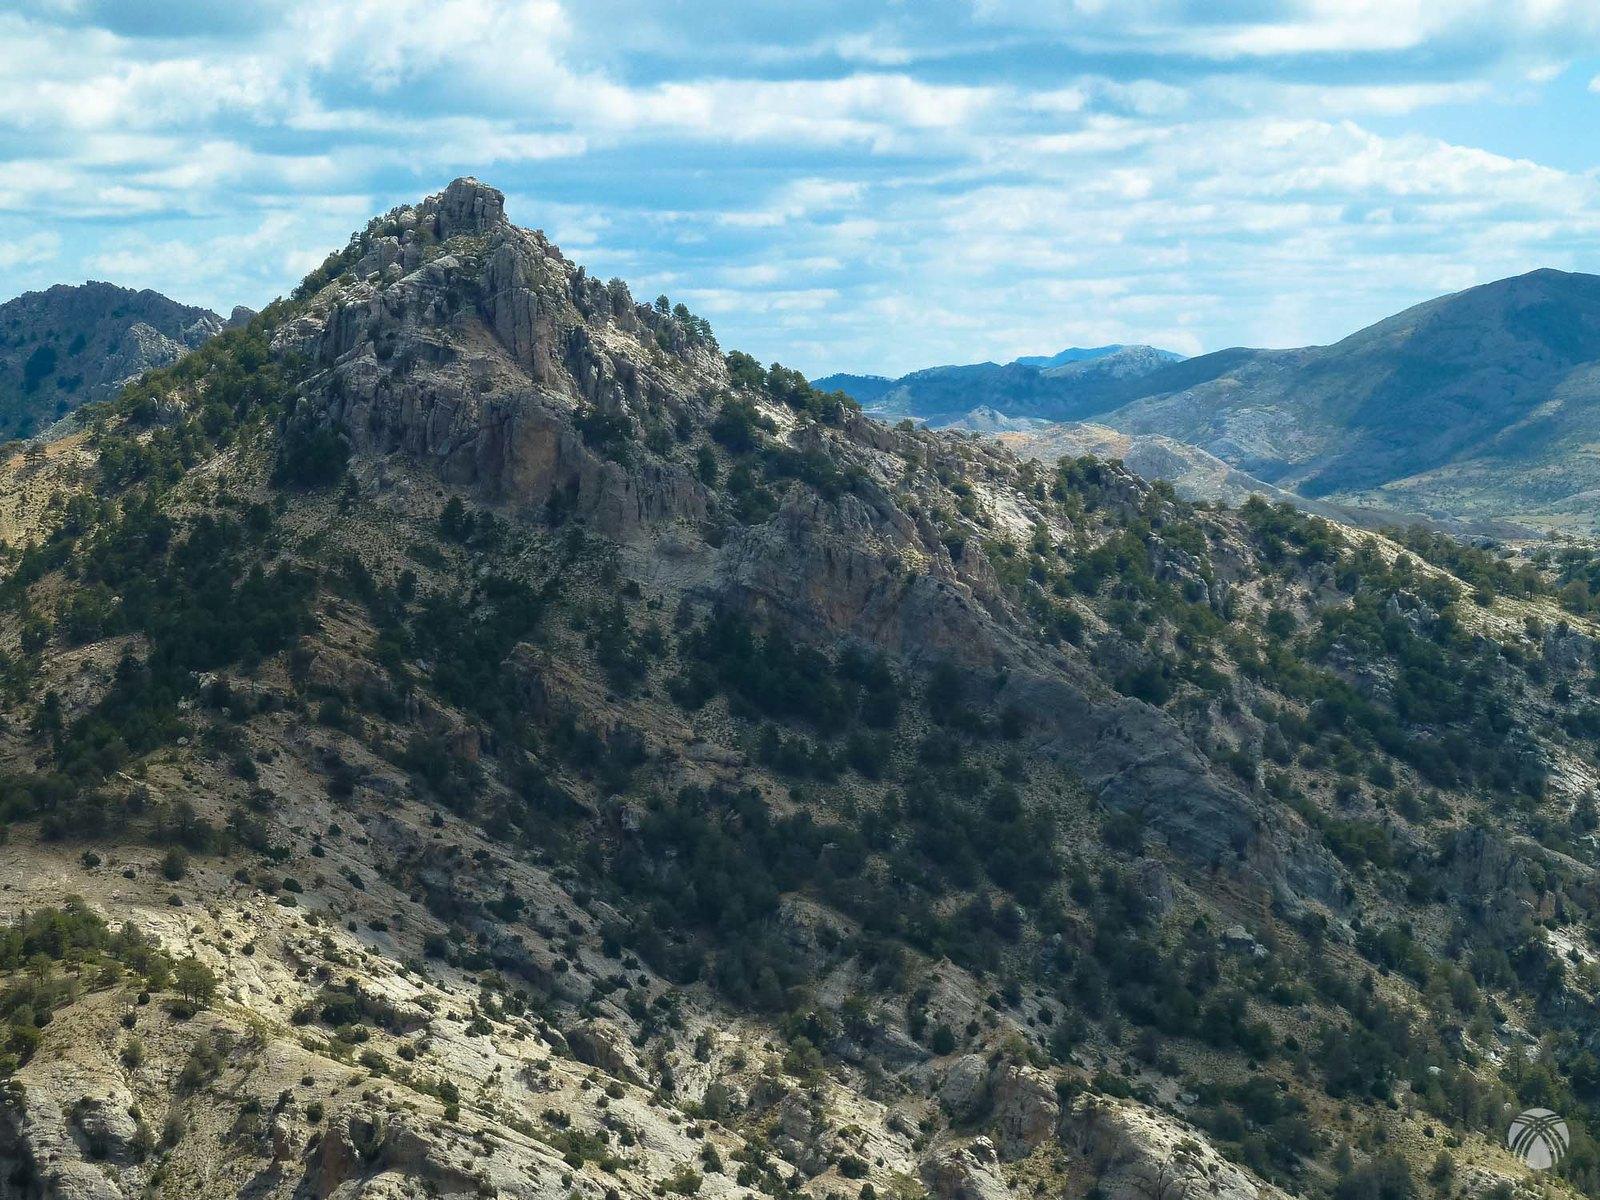 Cerro de la Carrasca